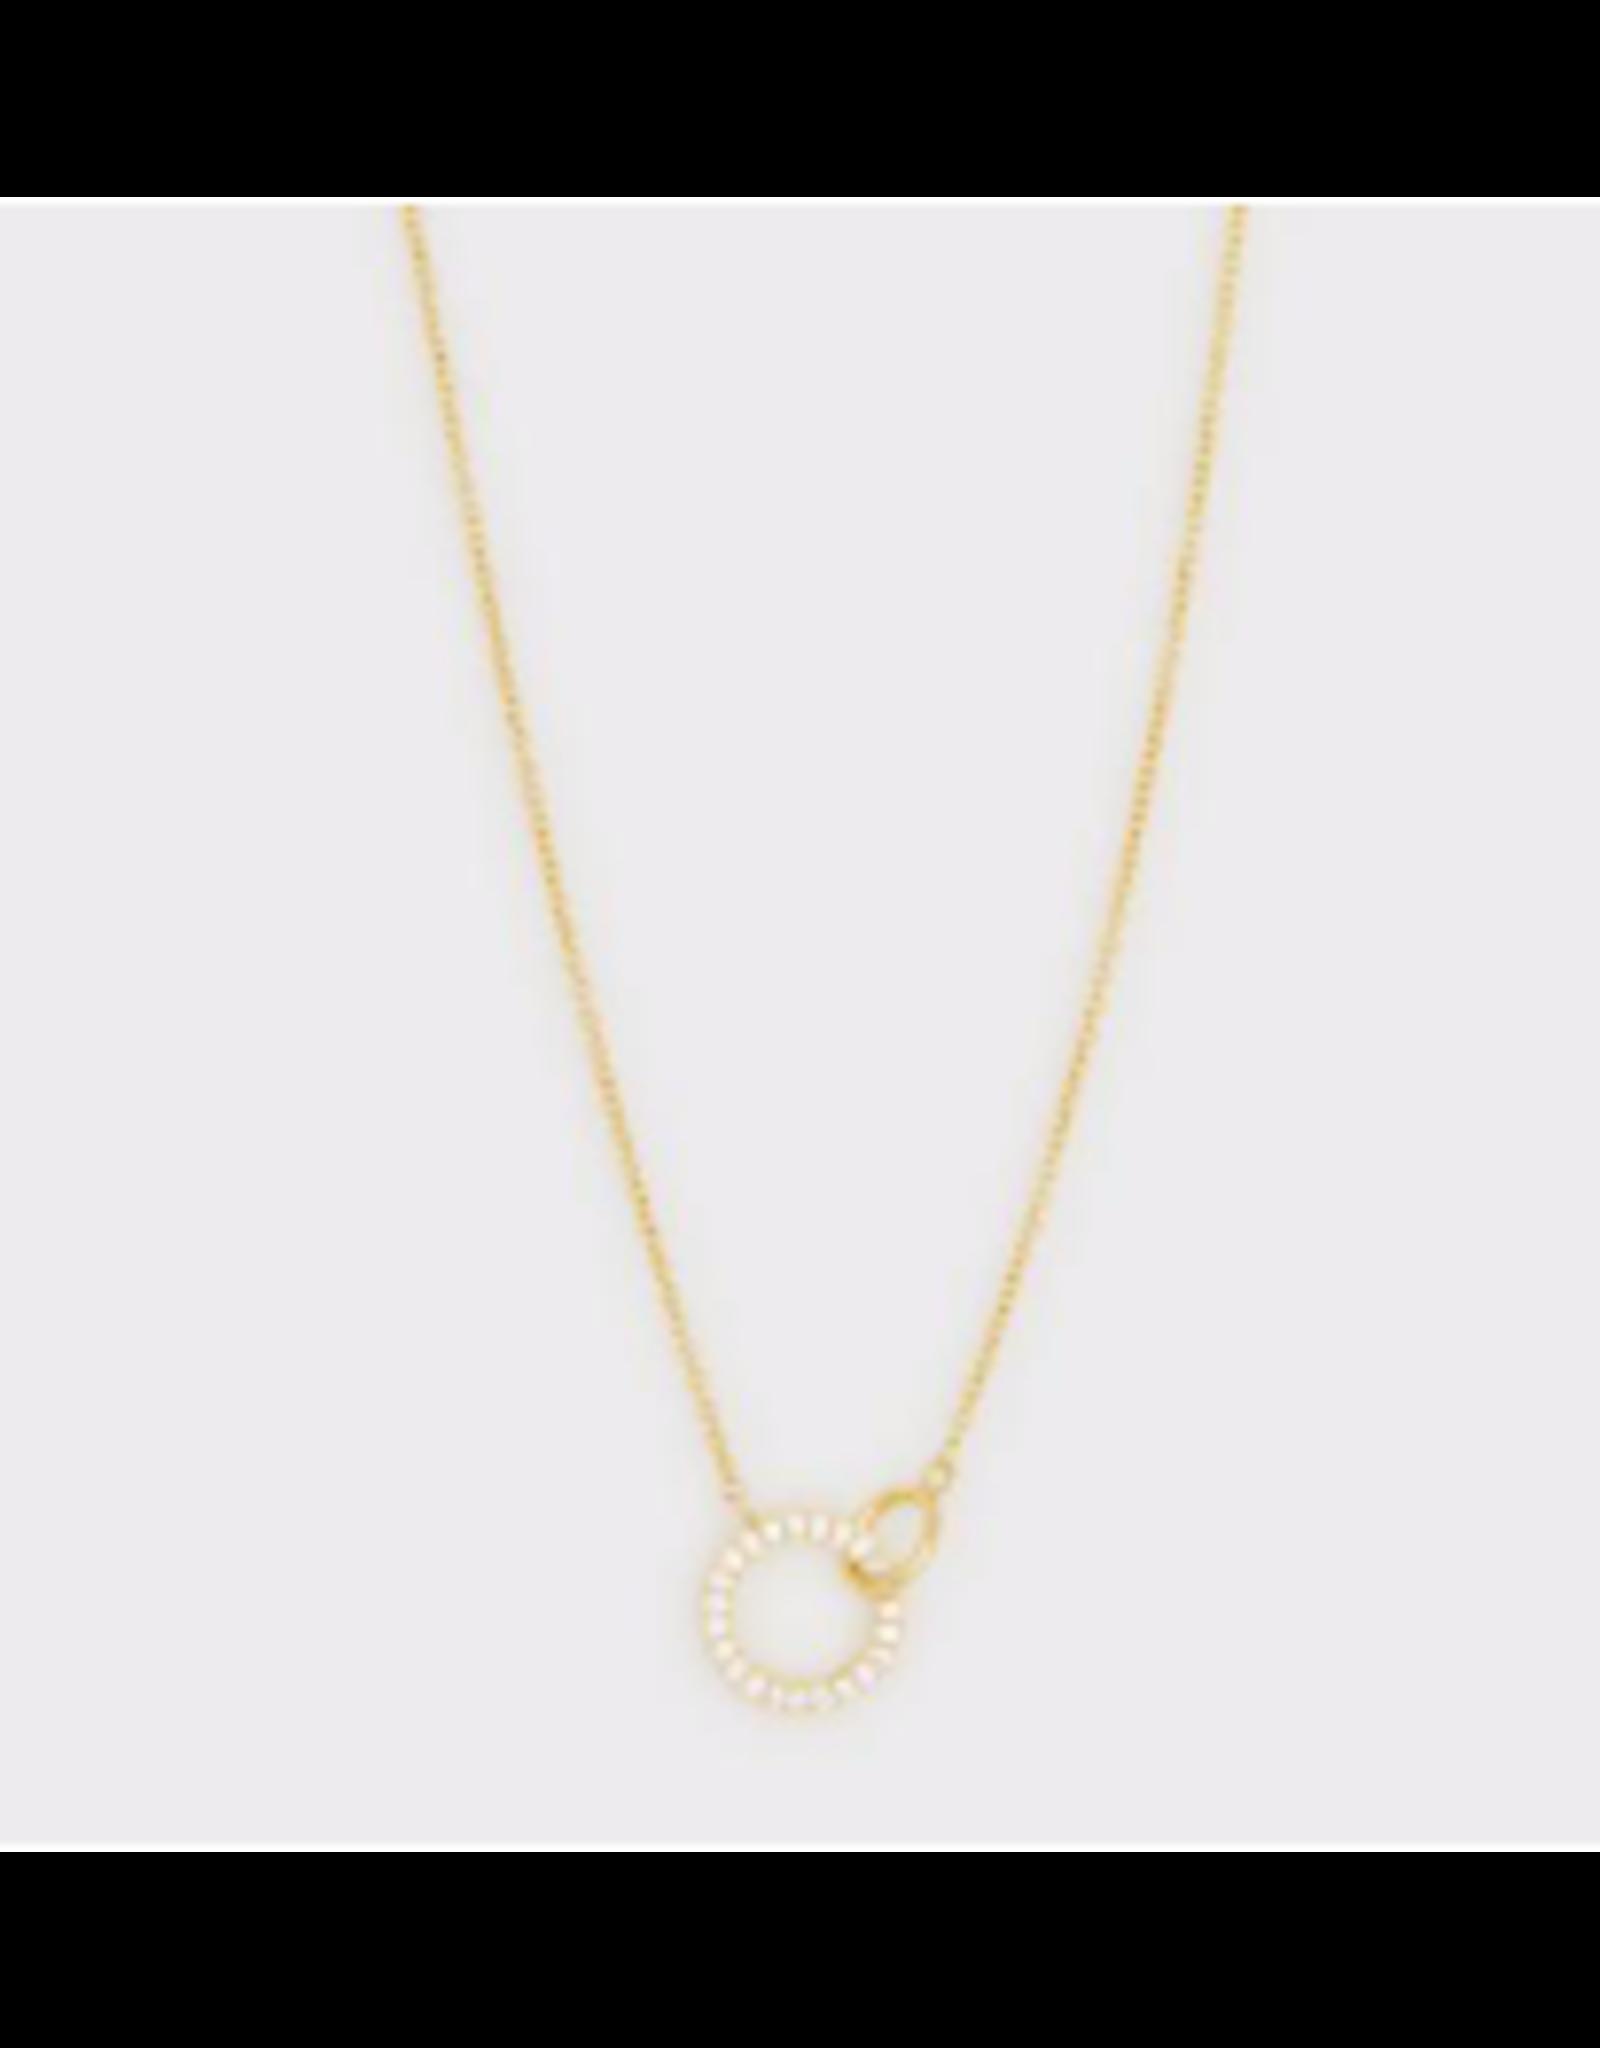 Balboa Shimmer Interlocking Necklace - gold